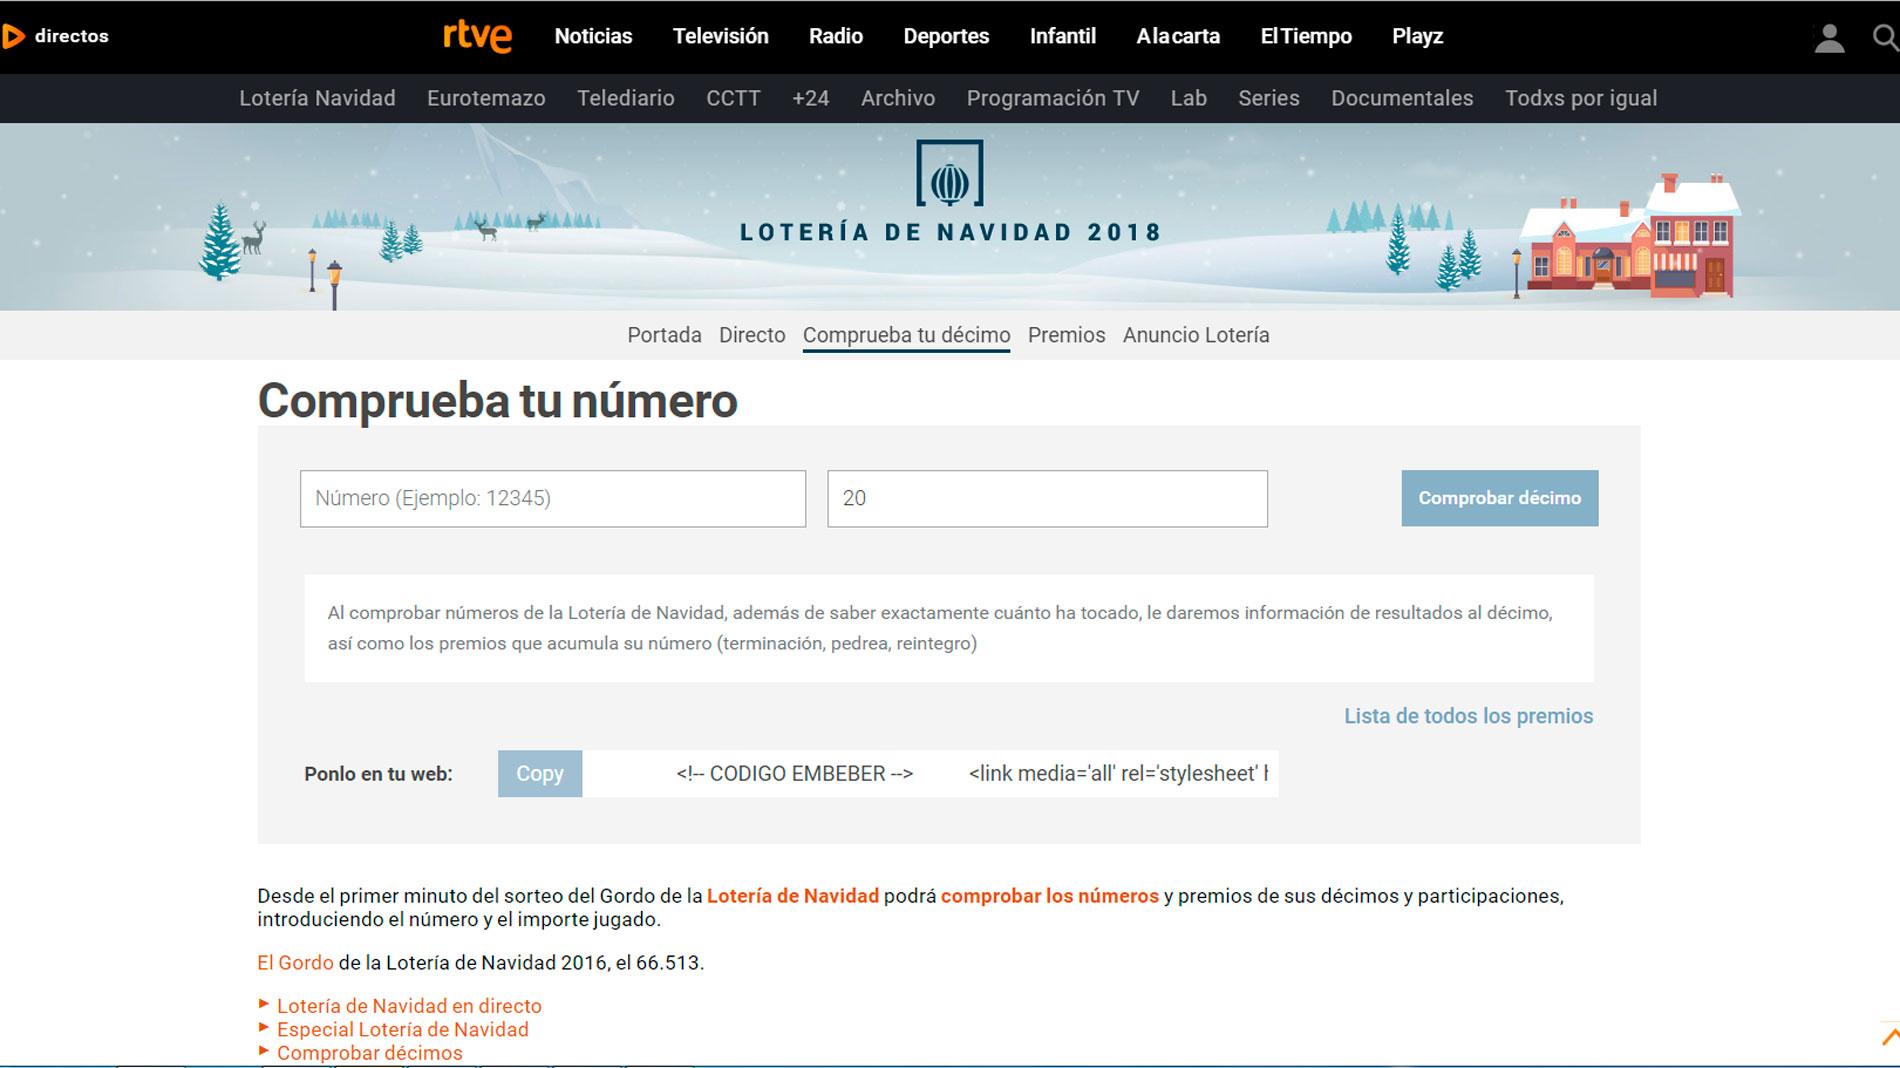 Puedes comprobar tus décimos en RTVE.es